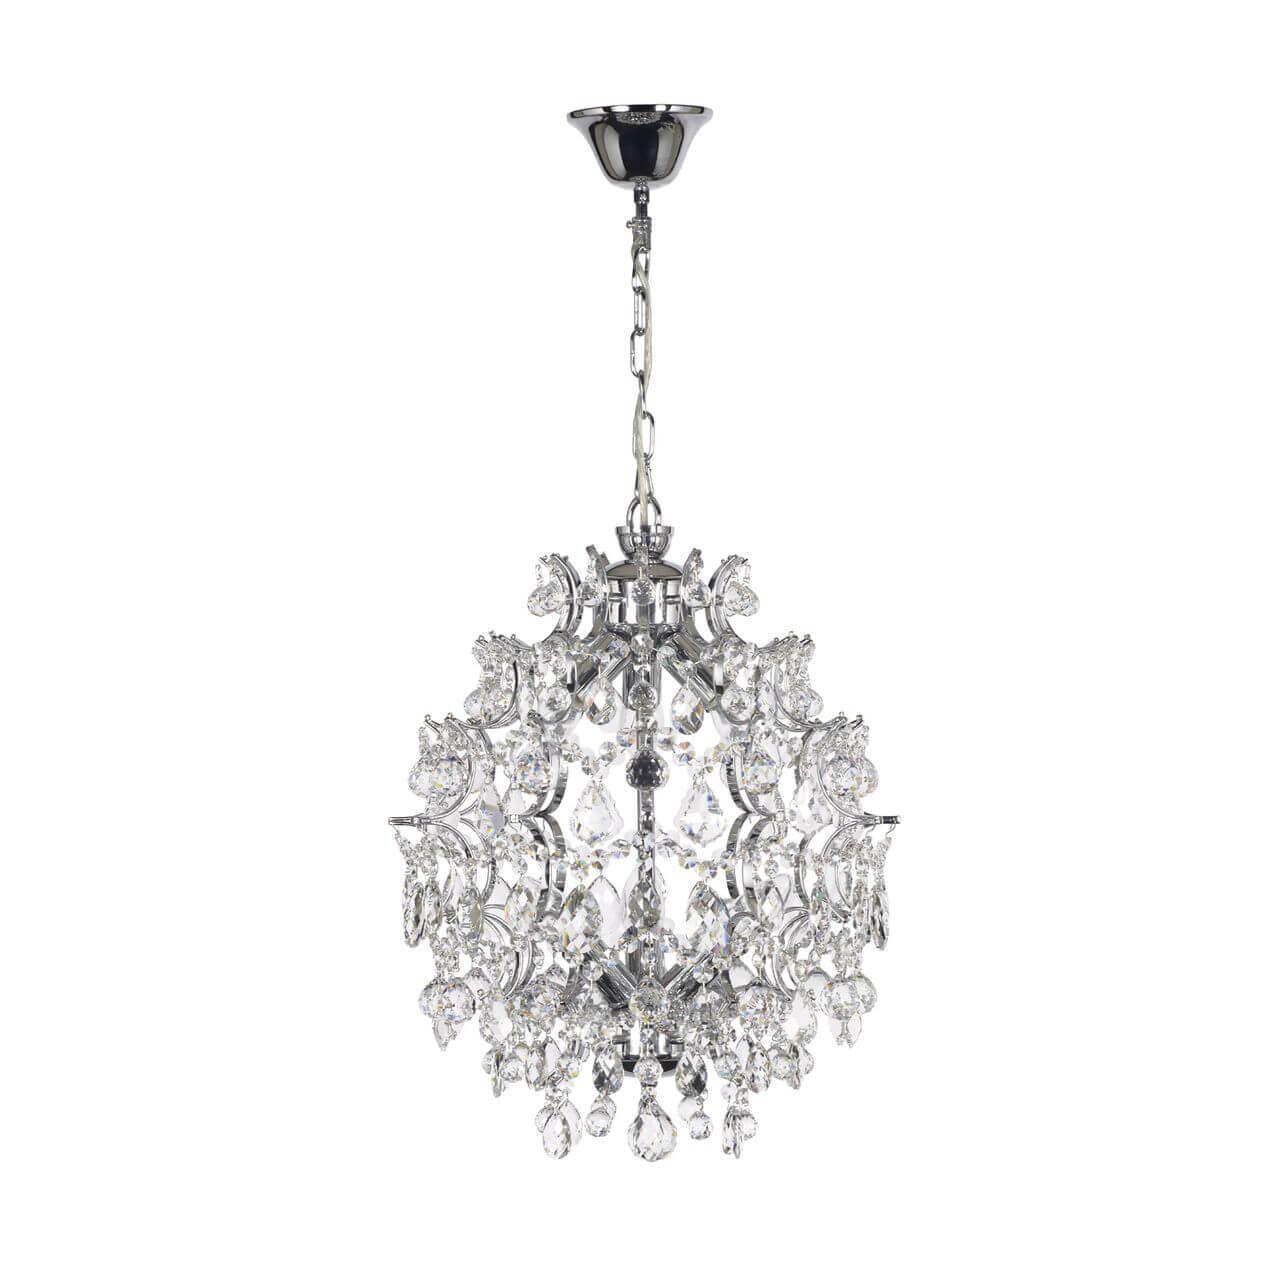 купить Подвесной светильник Dio DArte Elite Unico E 1.12.42.600 N по цене 44880 рублей